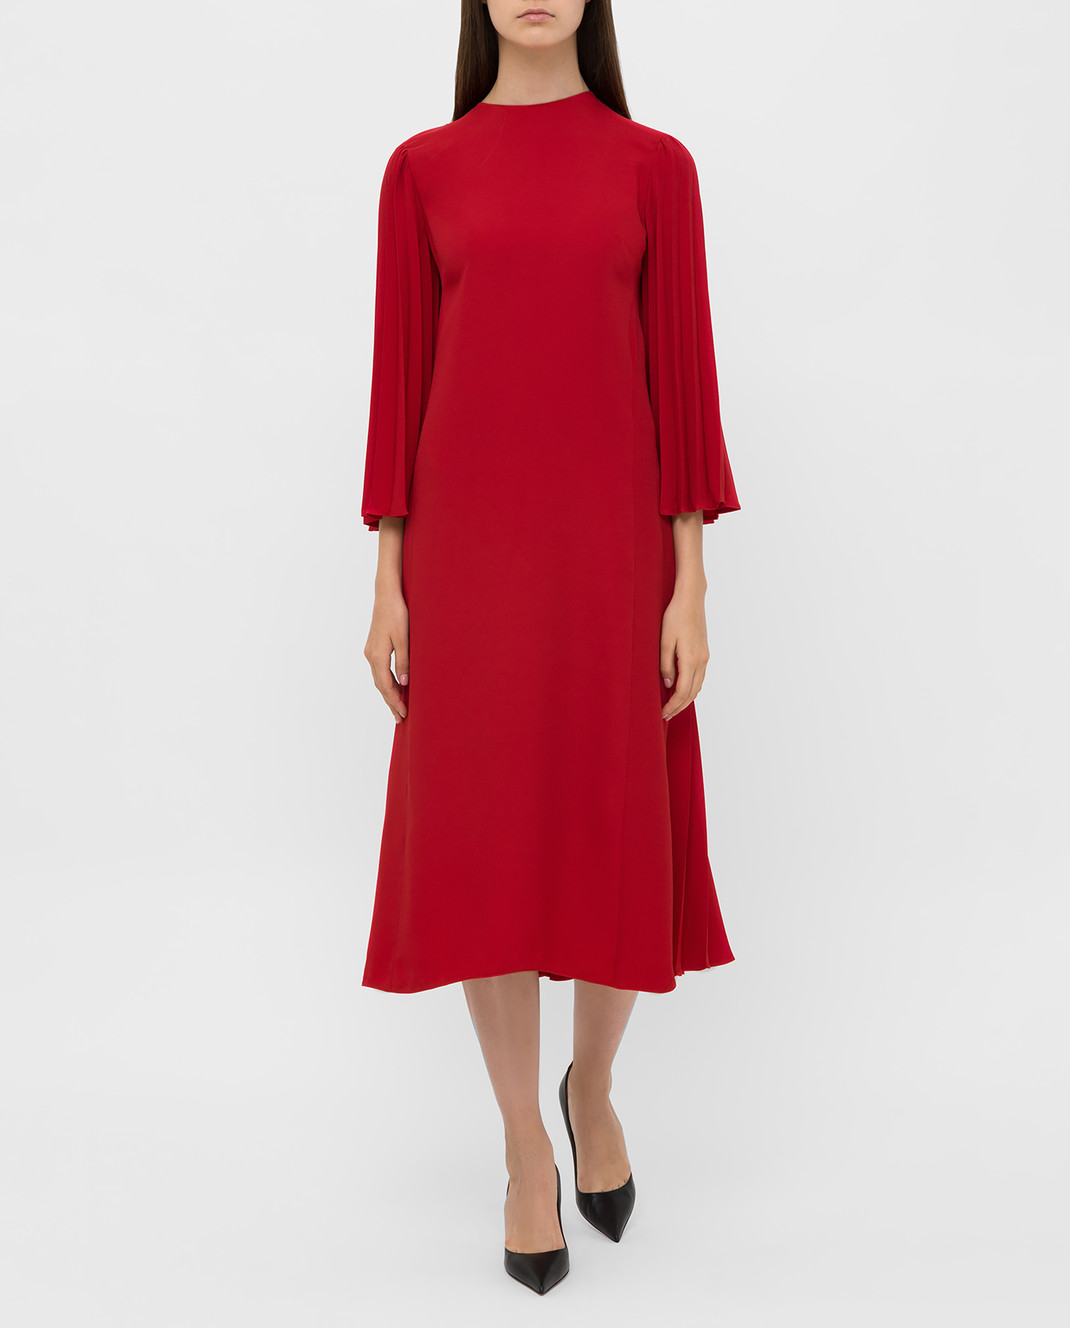 Valentino Красное платье SB3VAN104NK изображение 2